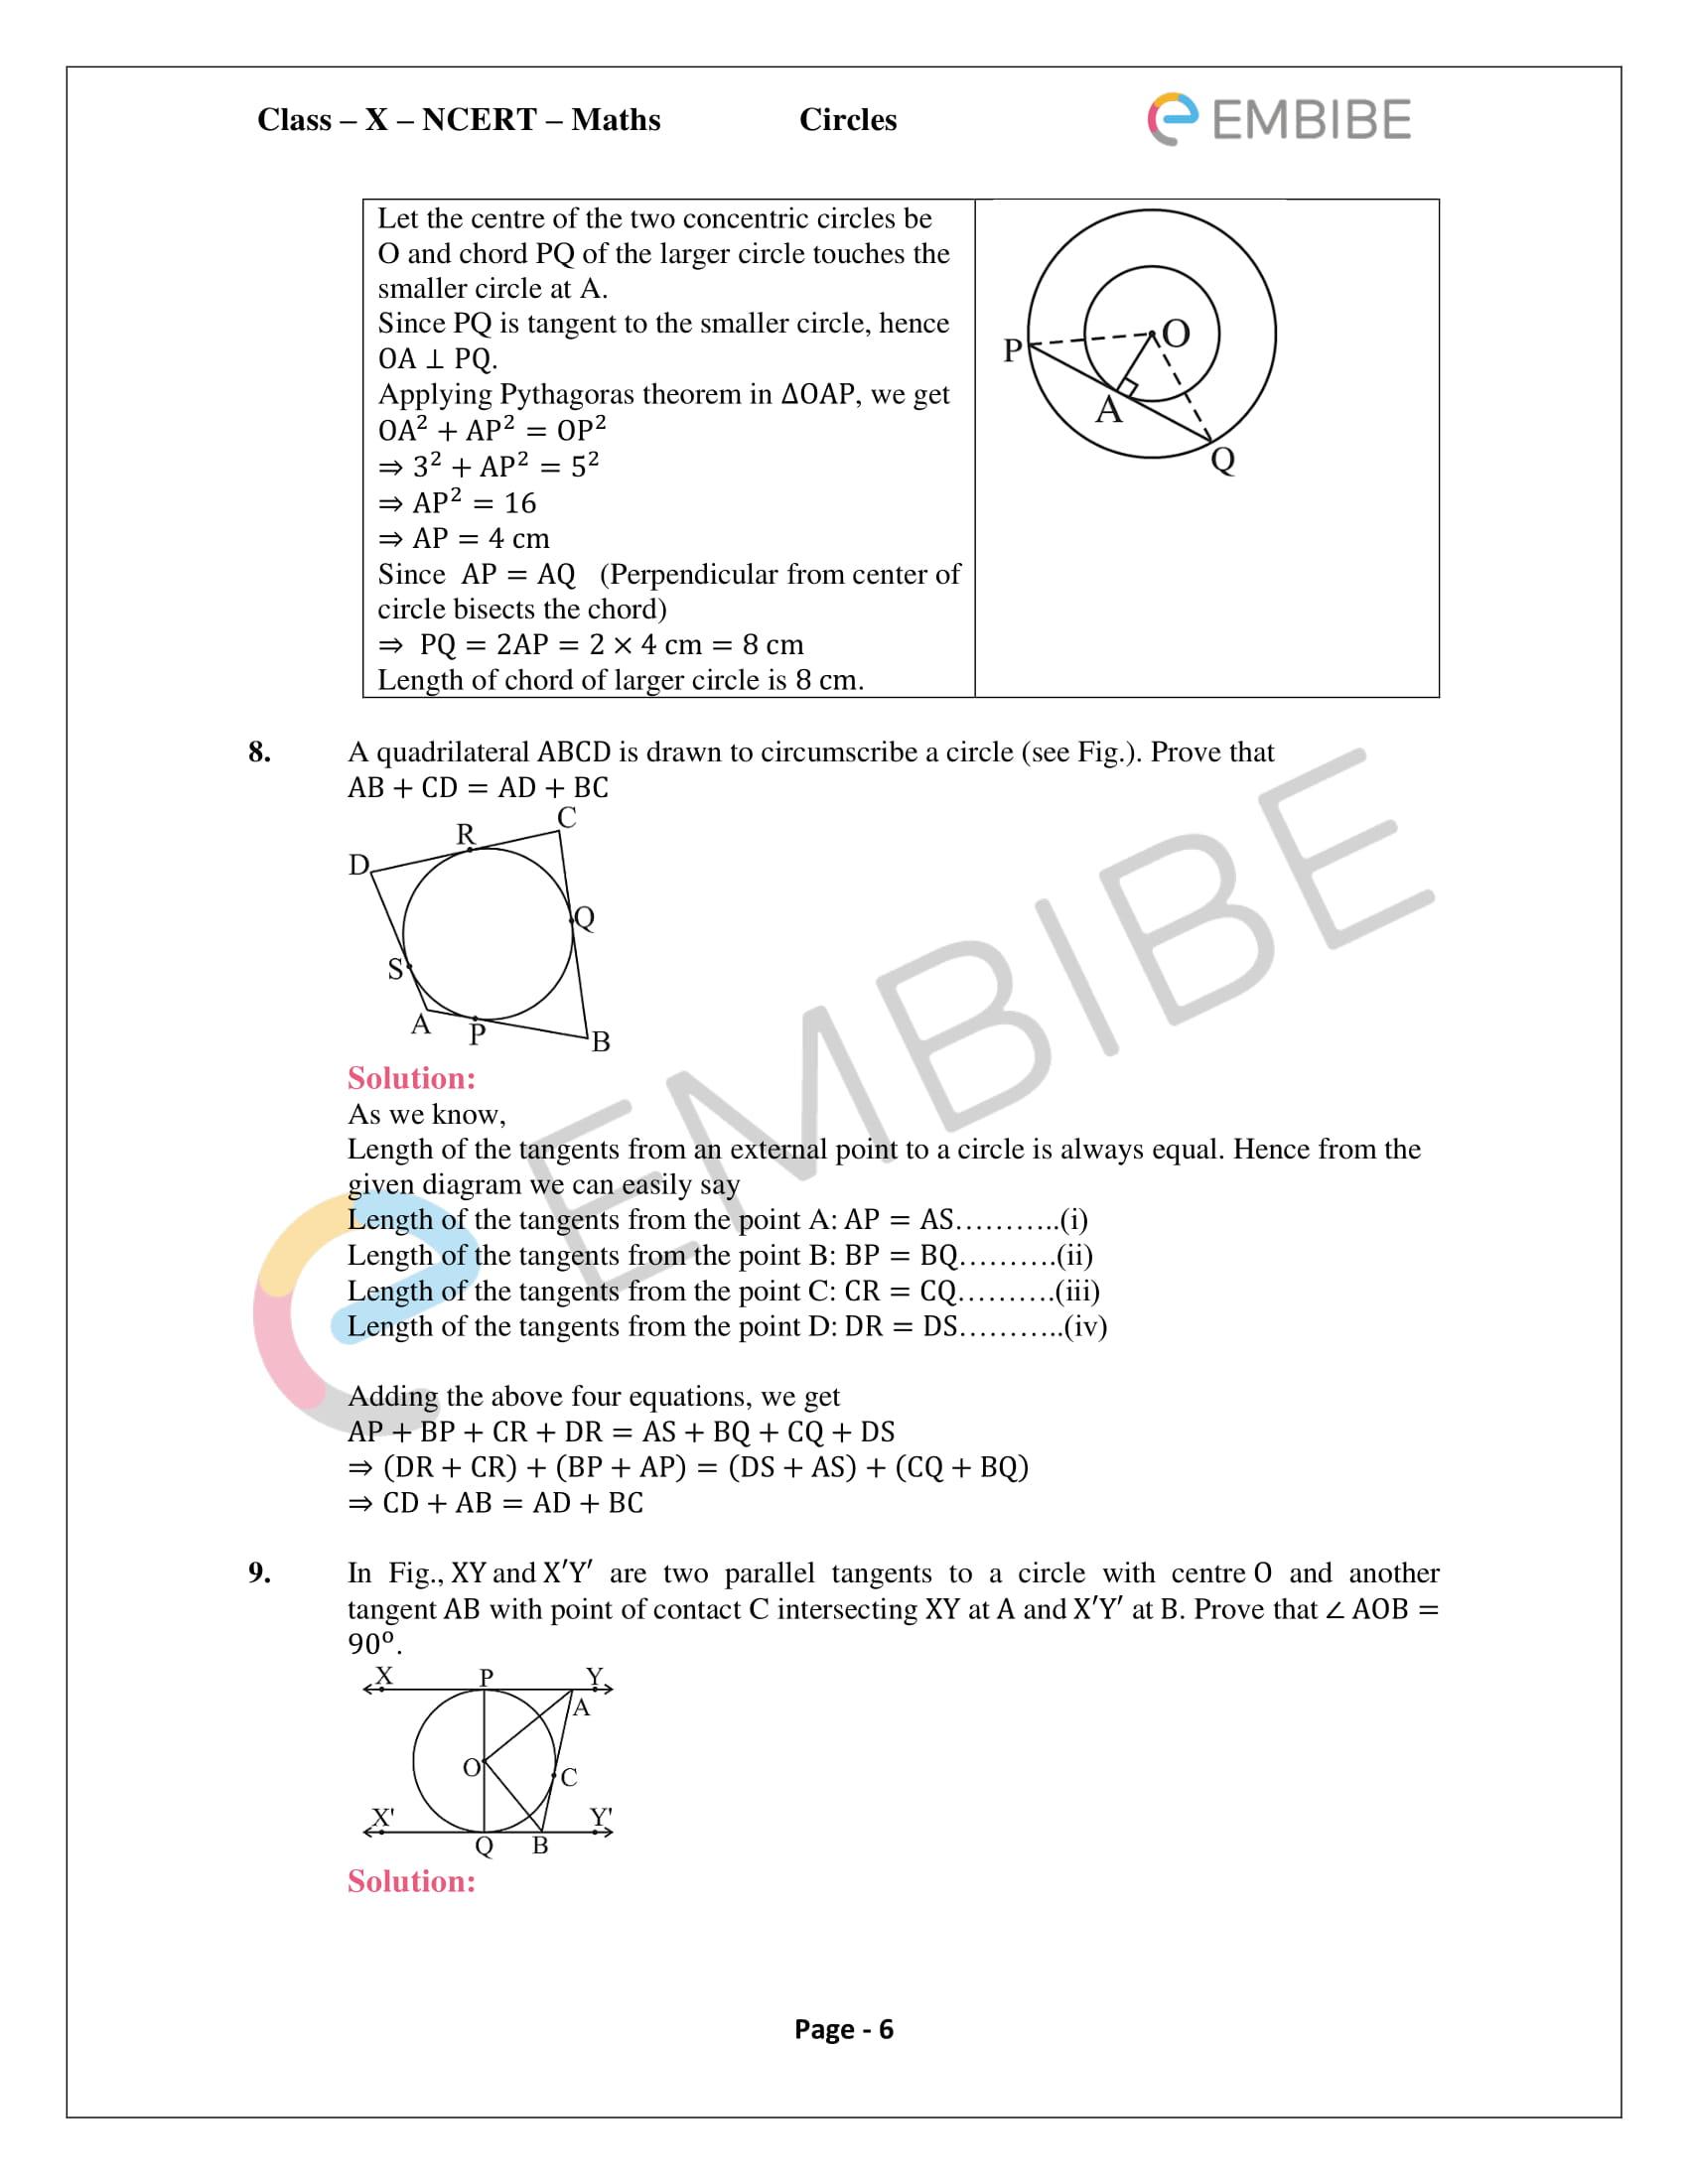 CBSE NCERT Solutions For Class 10 Maths Chapter 10 - Circles